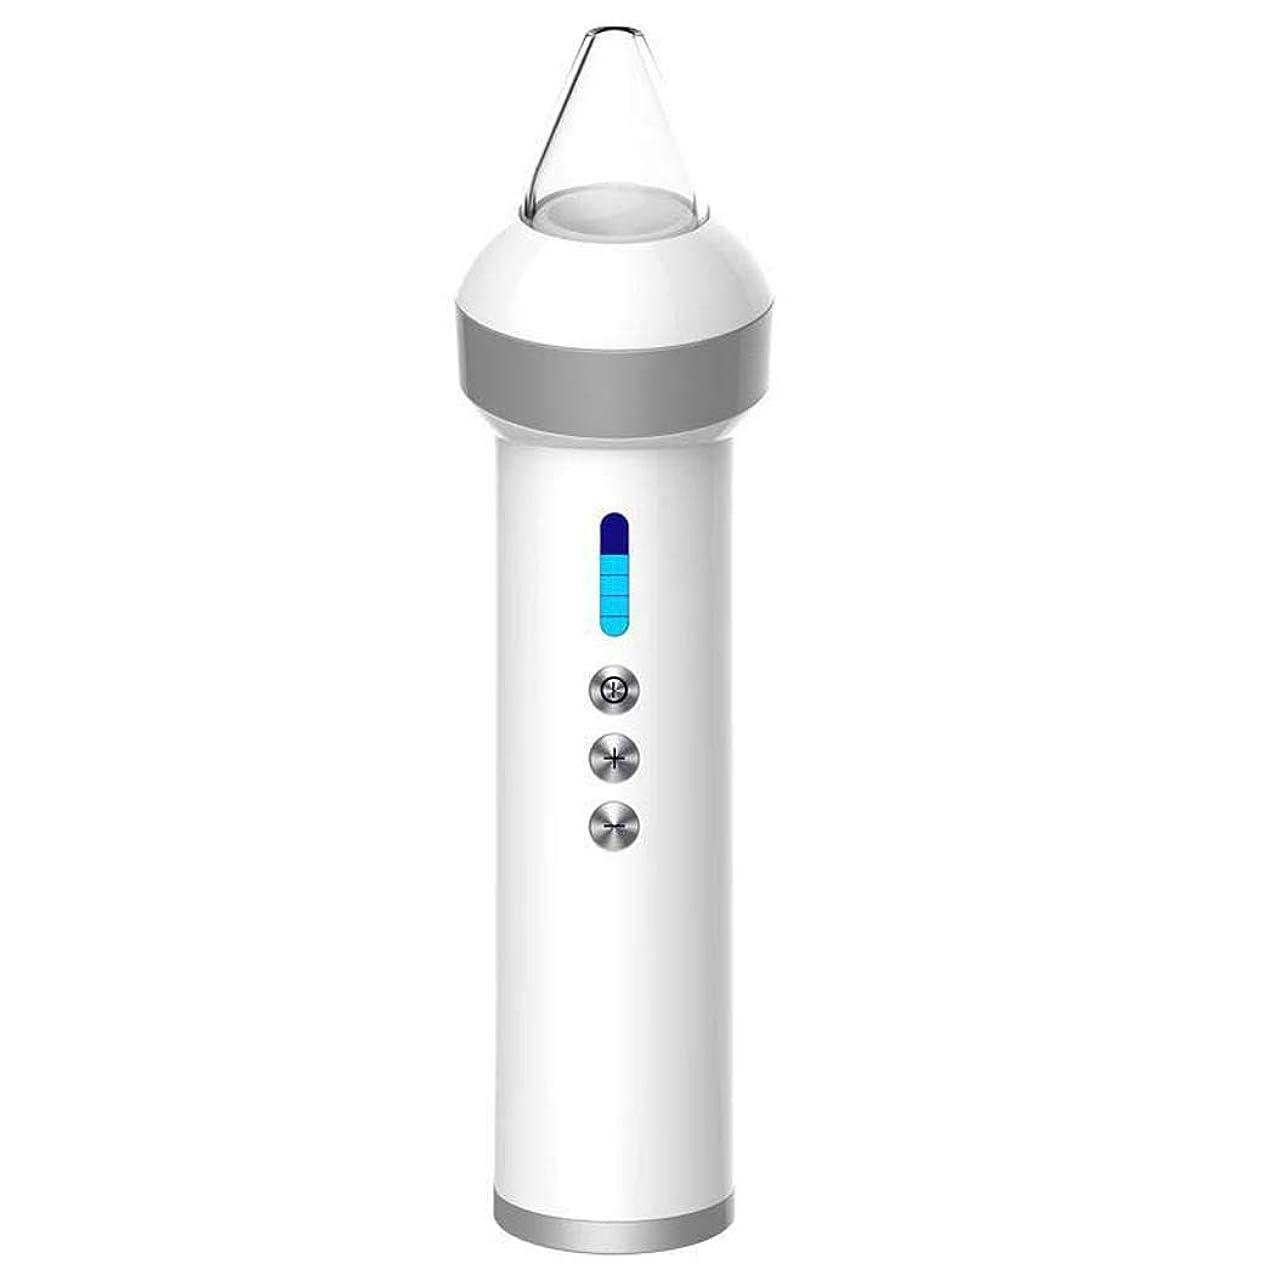 任命名目上の領収書電気にきび楽器電気にきびにきび抽出器USB充電式電気皮膚毛穴クレンザー